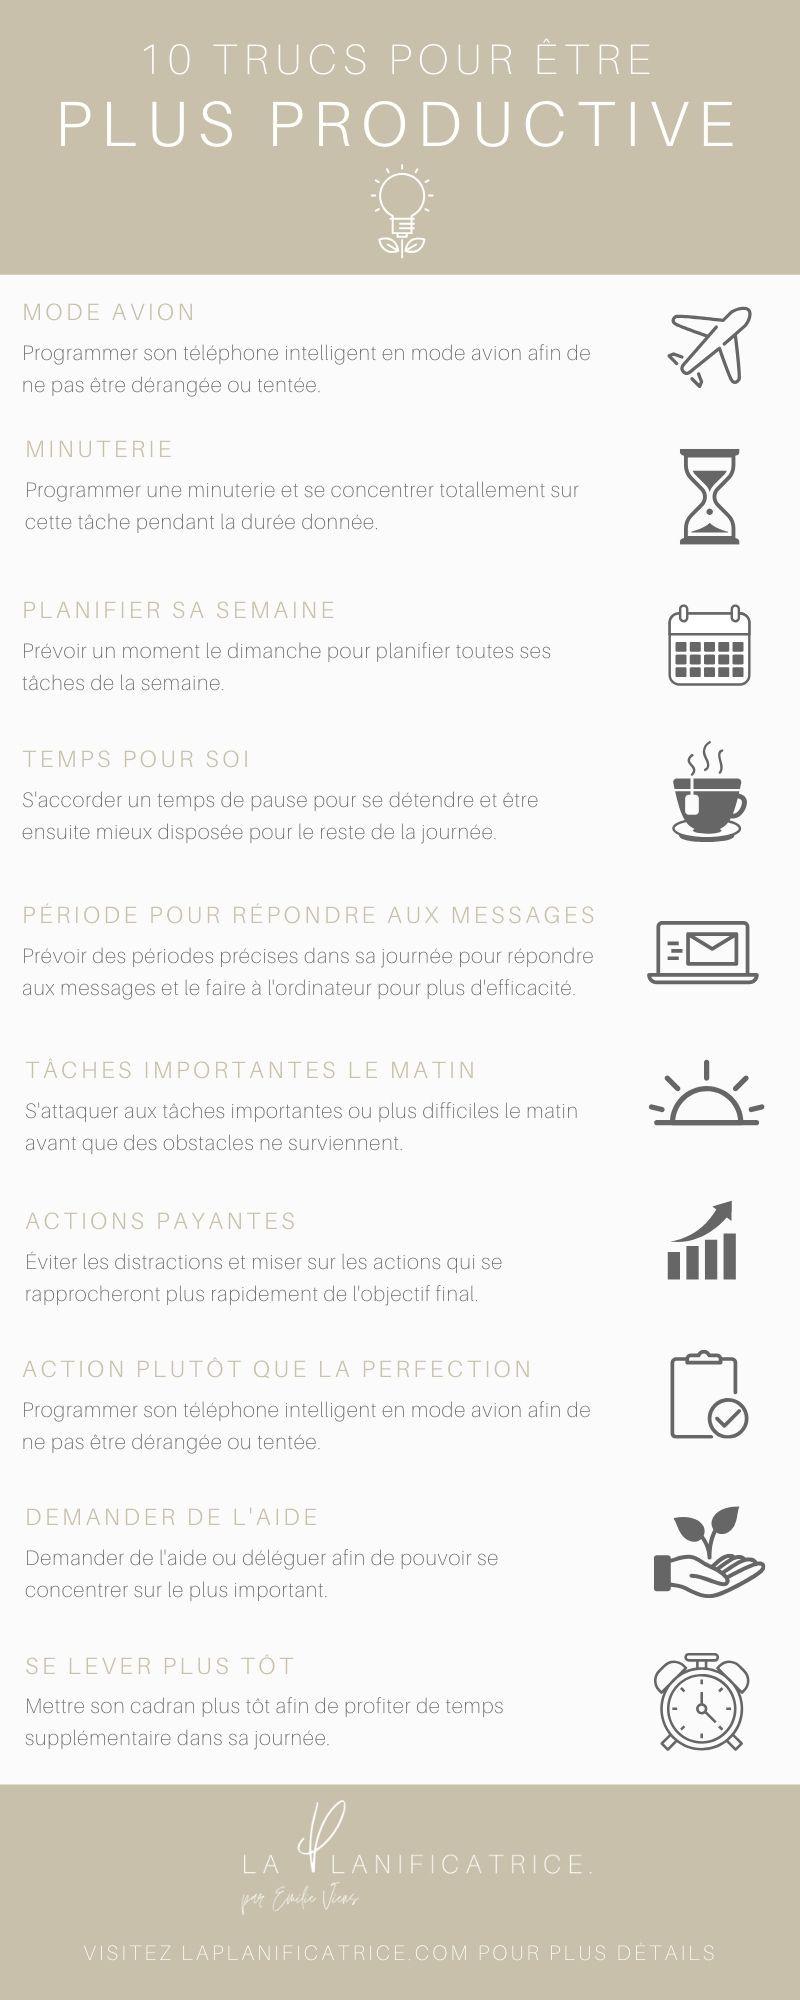 10 trucs afin d'être plus productif - PDF